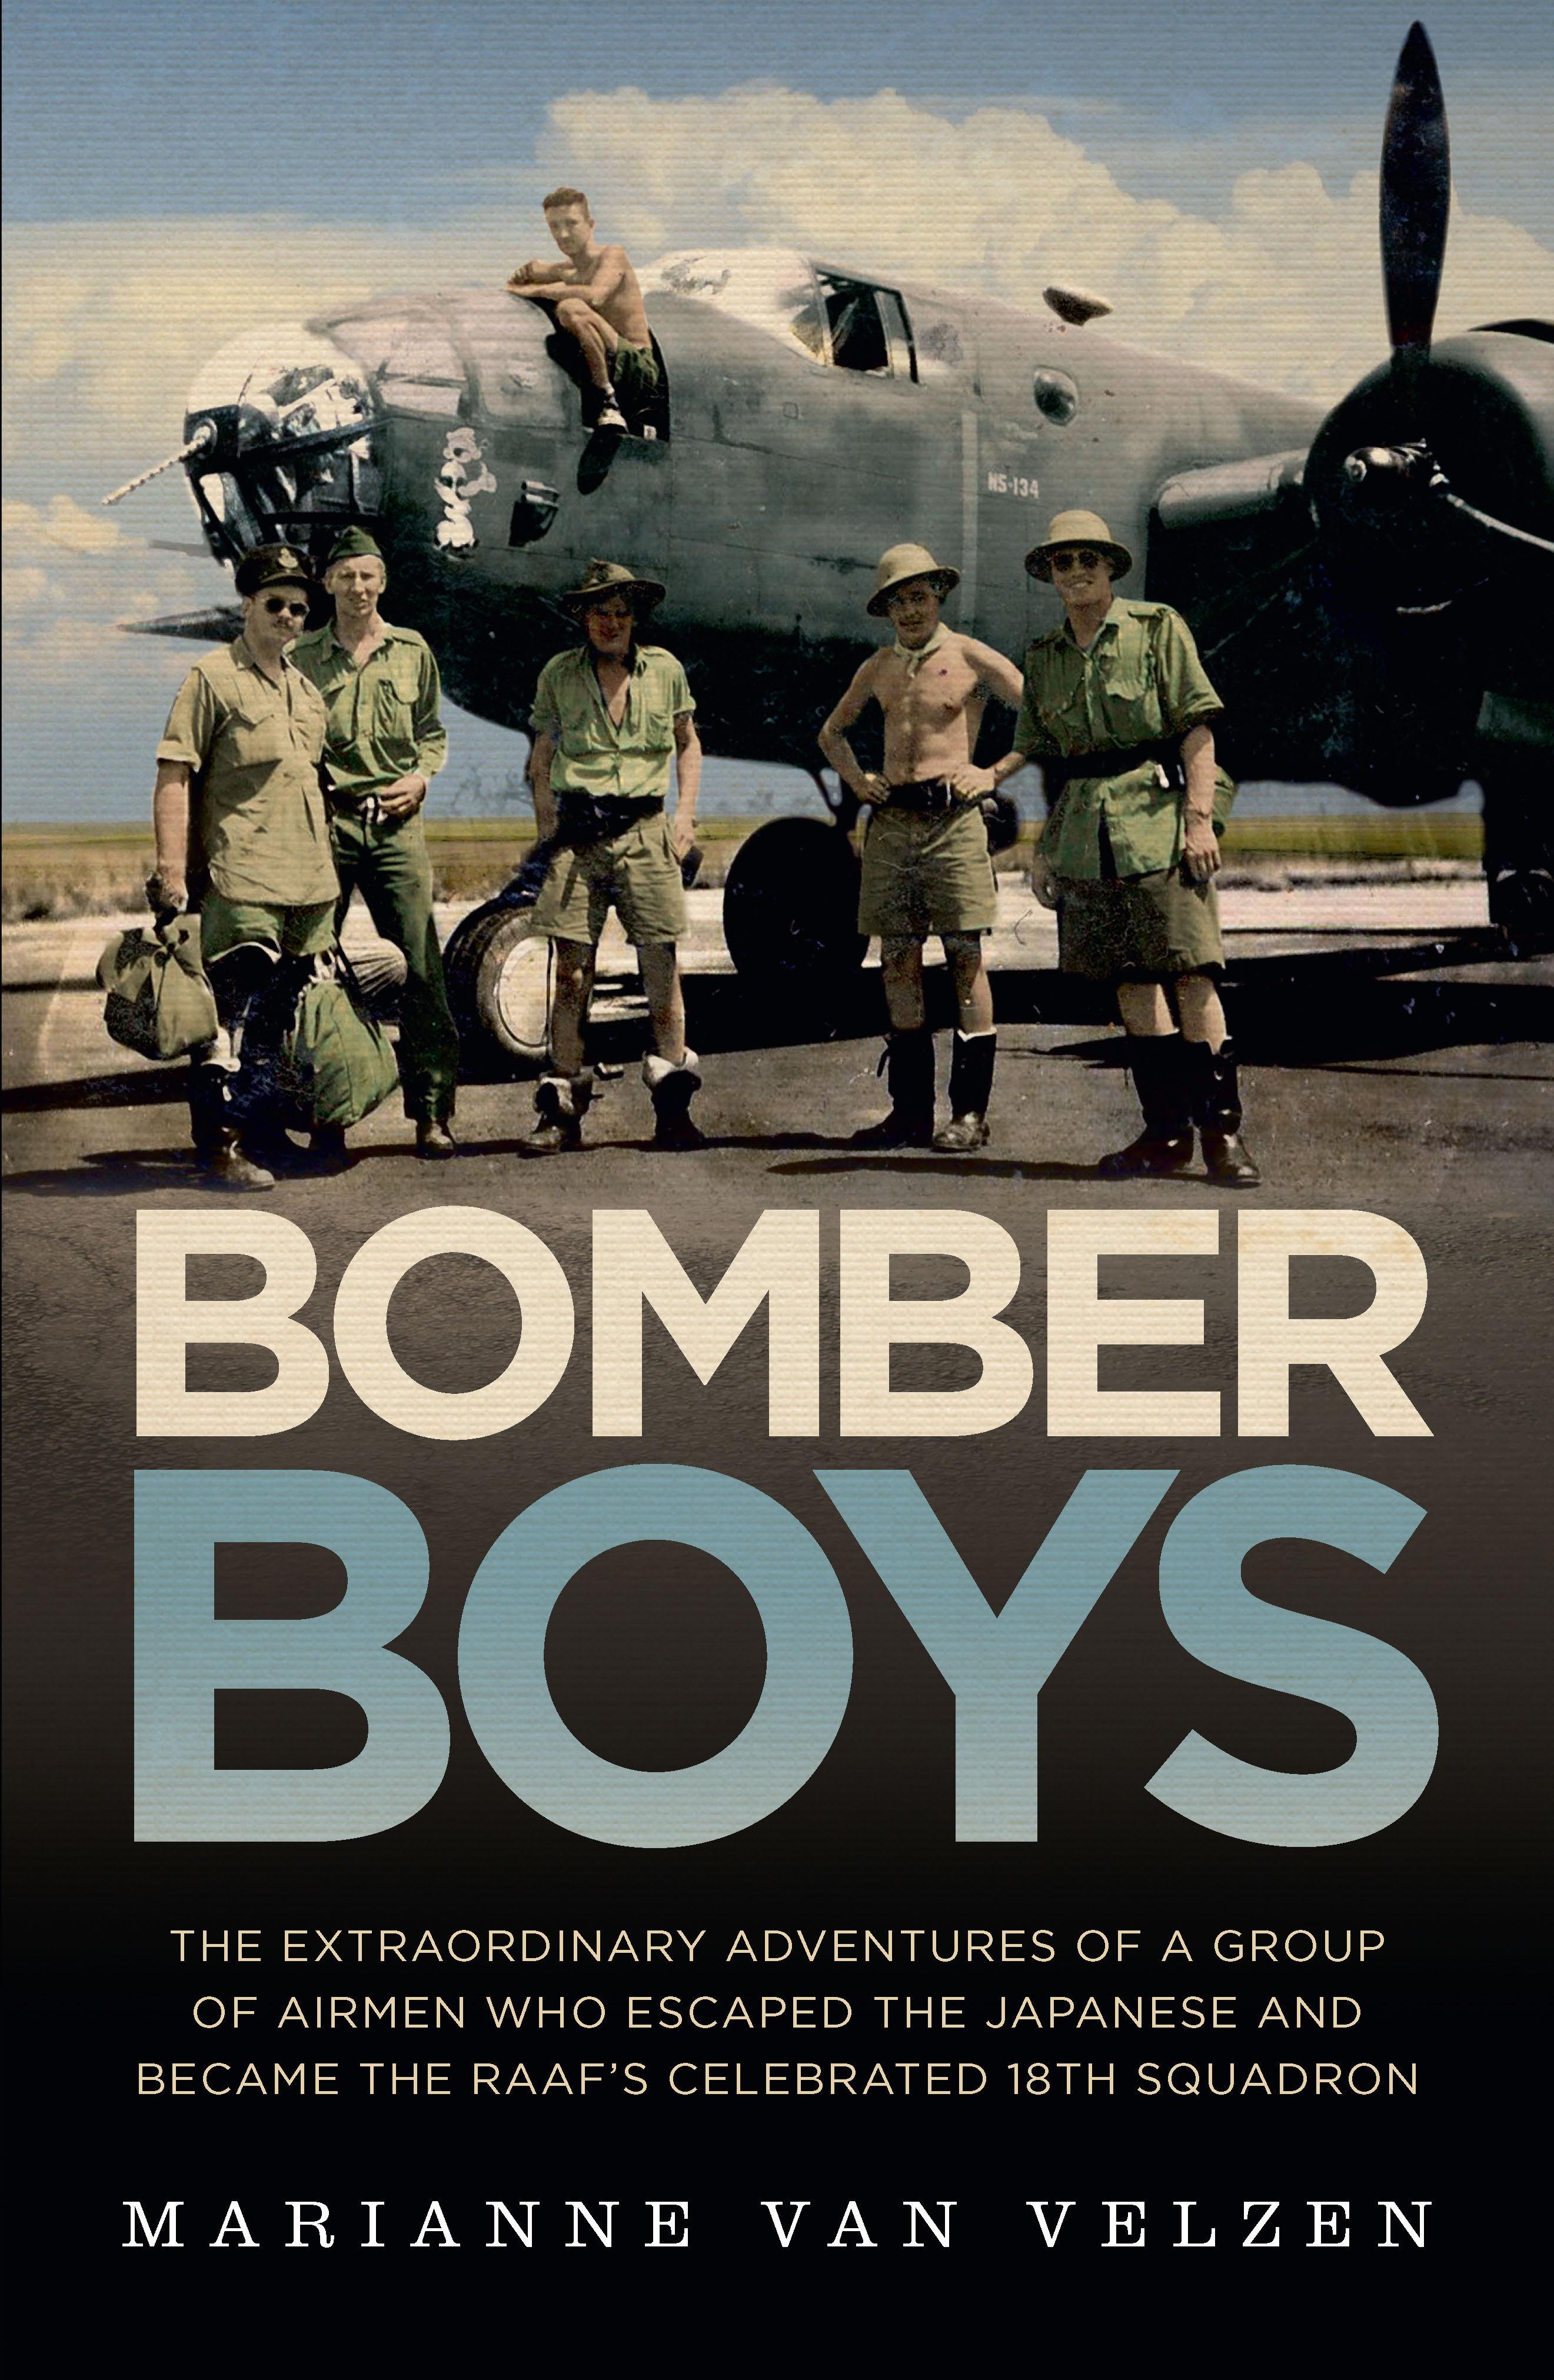 Bomber Boys - Marianne van Velzen - 9781760528232 - Allen